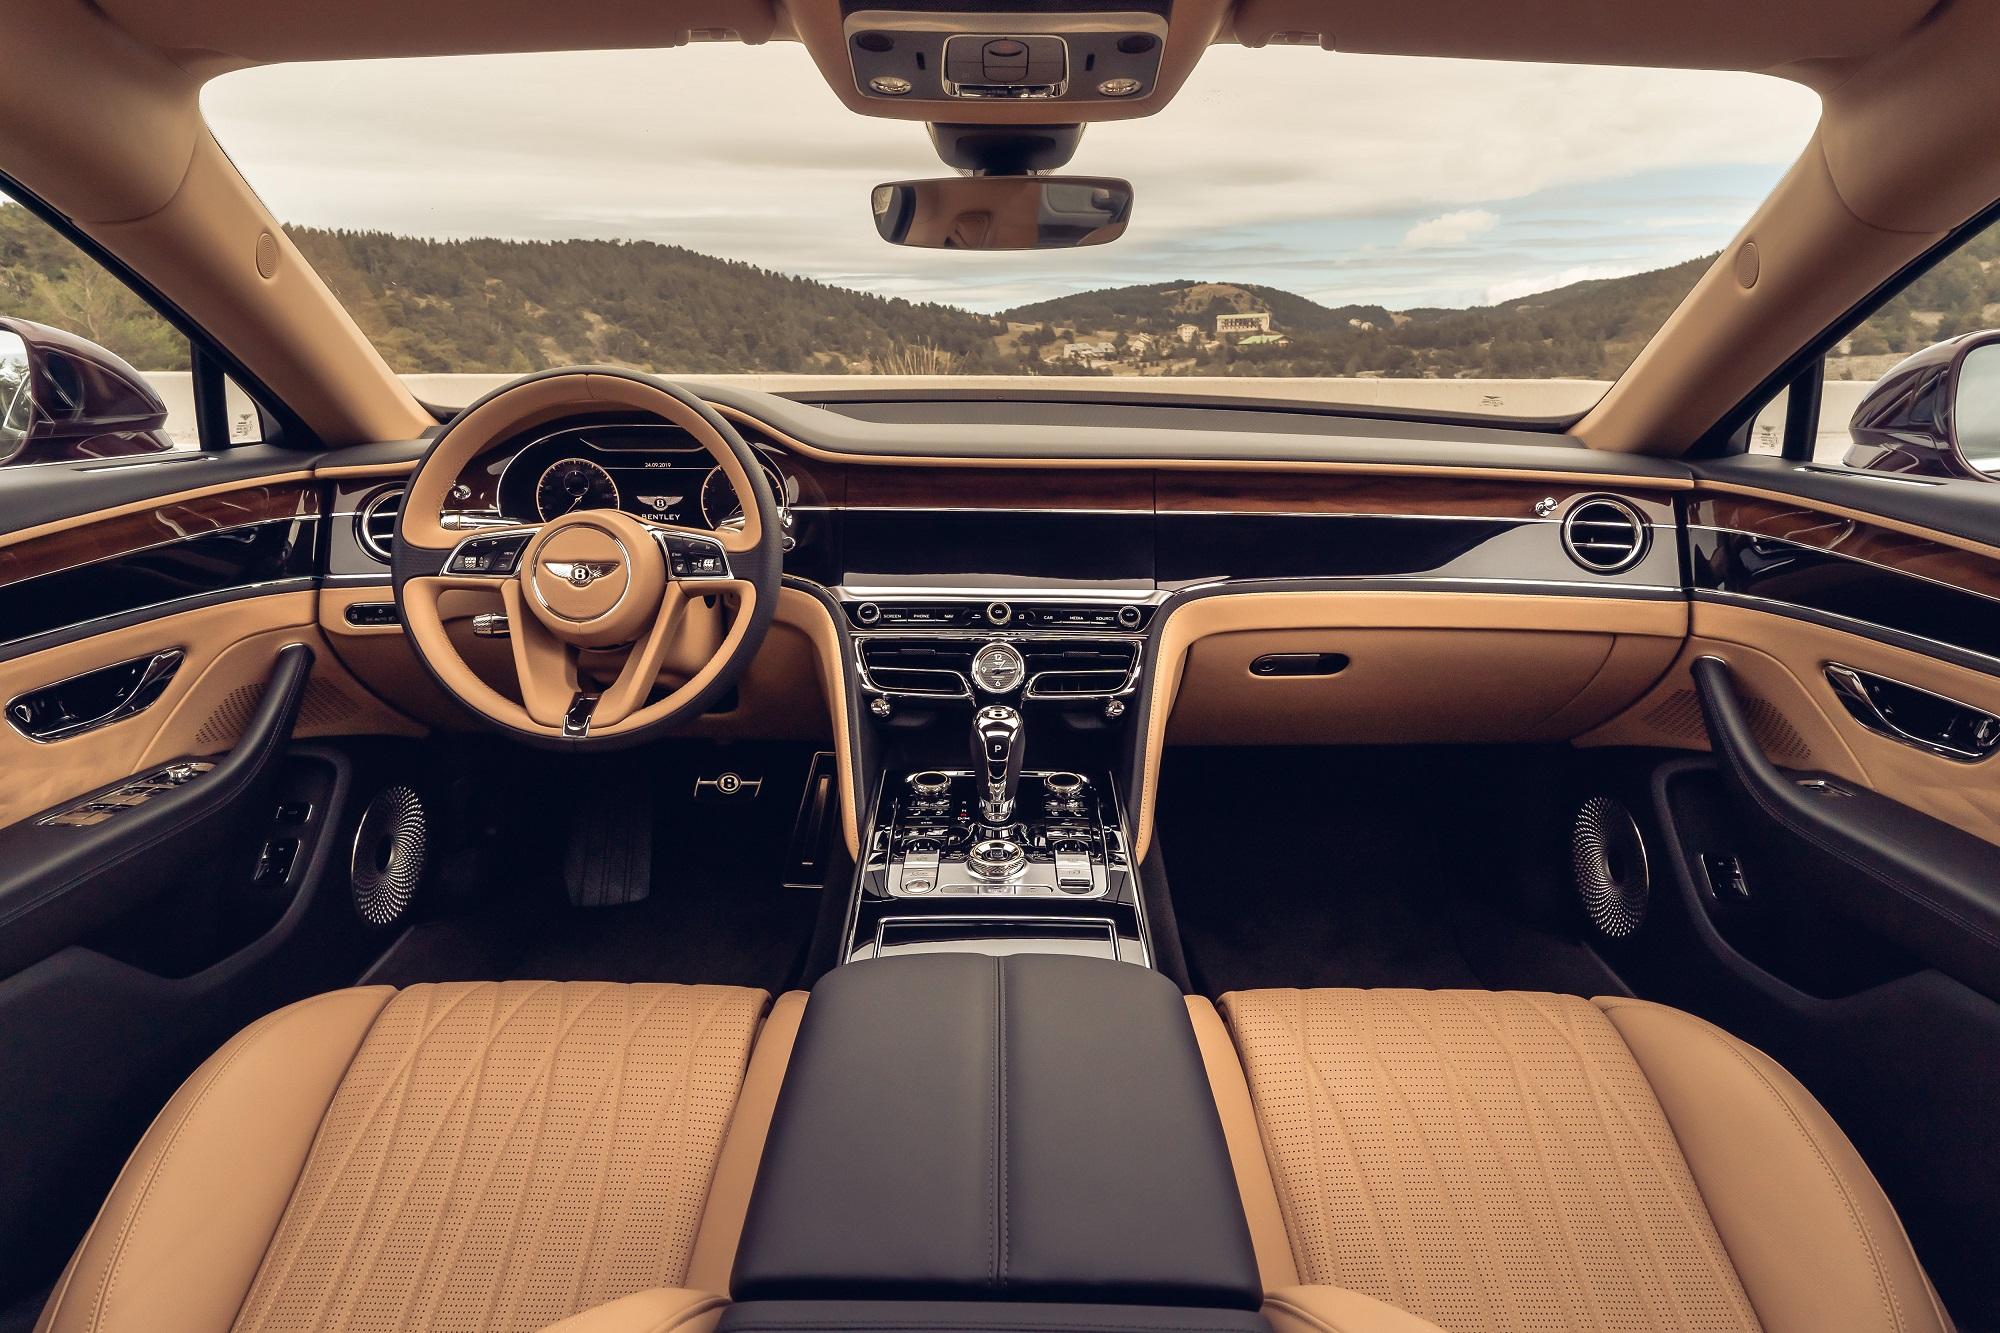 Otočný panel v Bentley je kus efektnej a precíznej techniky dGrTq622yI bentleyrotatingdisplay-2